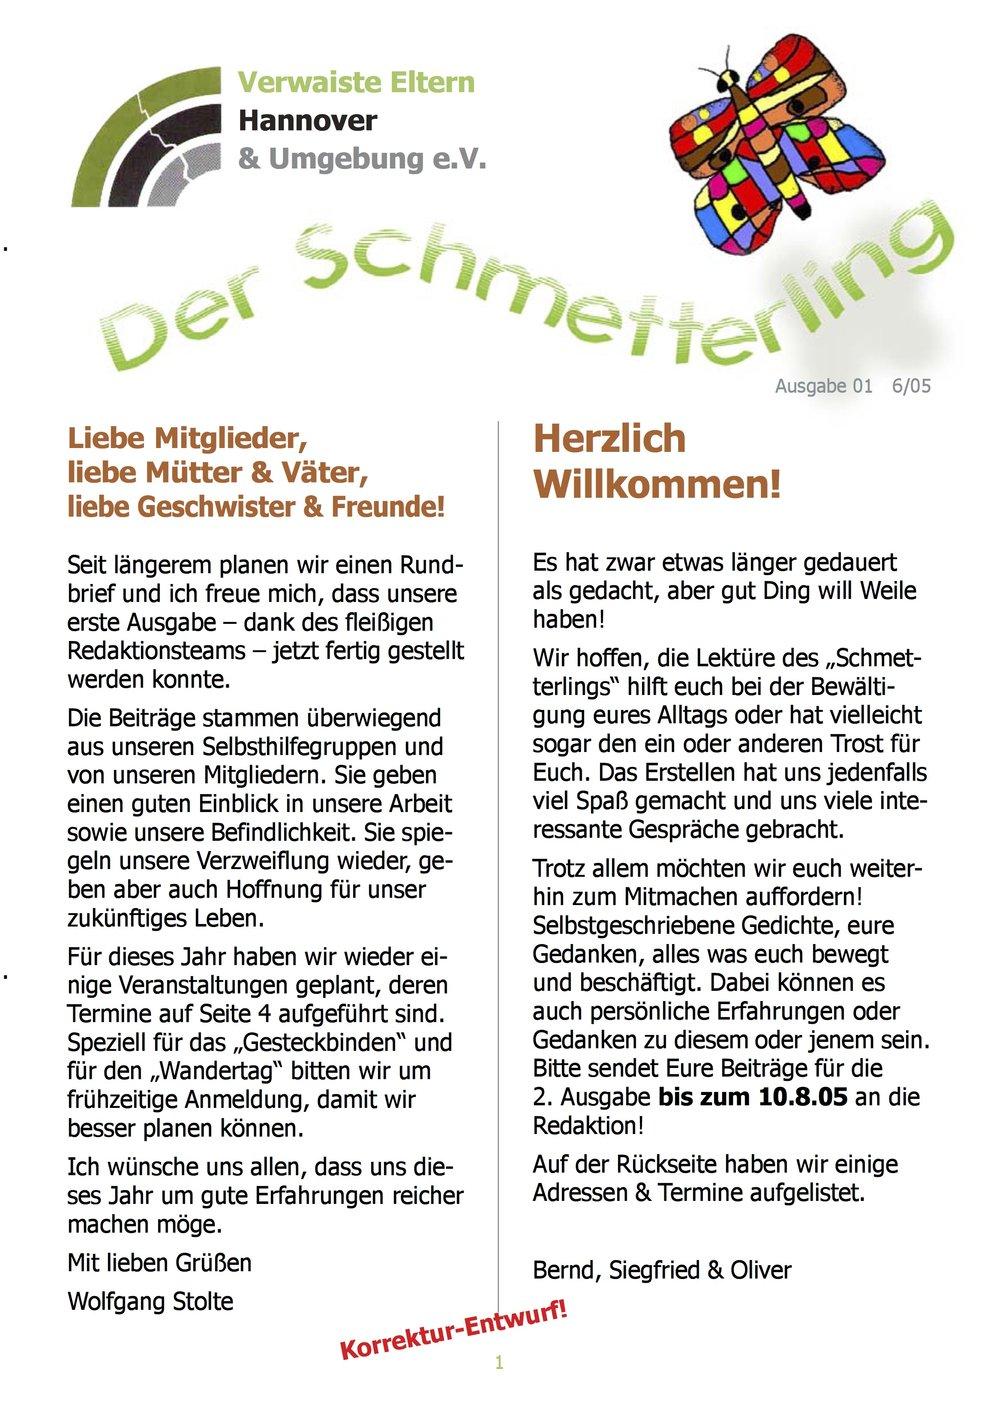 Schmetterling01-06_05.jpg